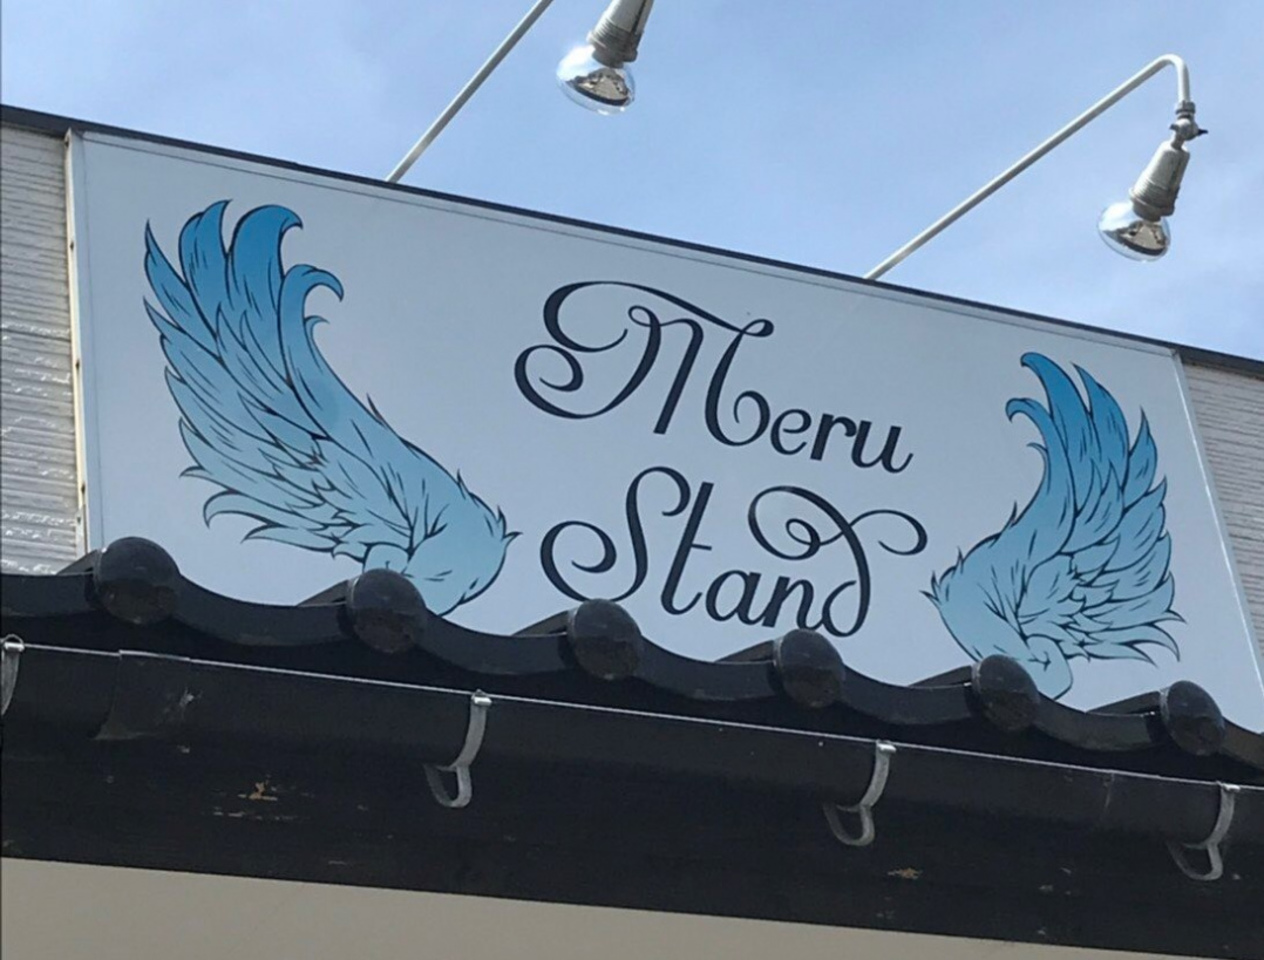 石川県野々市市御経塚にタピオカドリンク店「メルスタンド」が8/21と22プレオープンのようです。